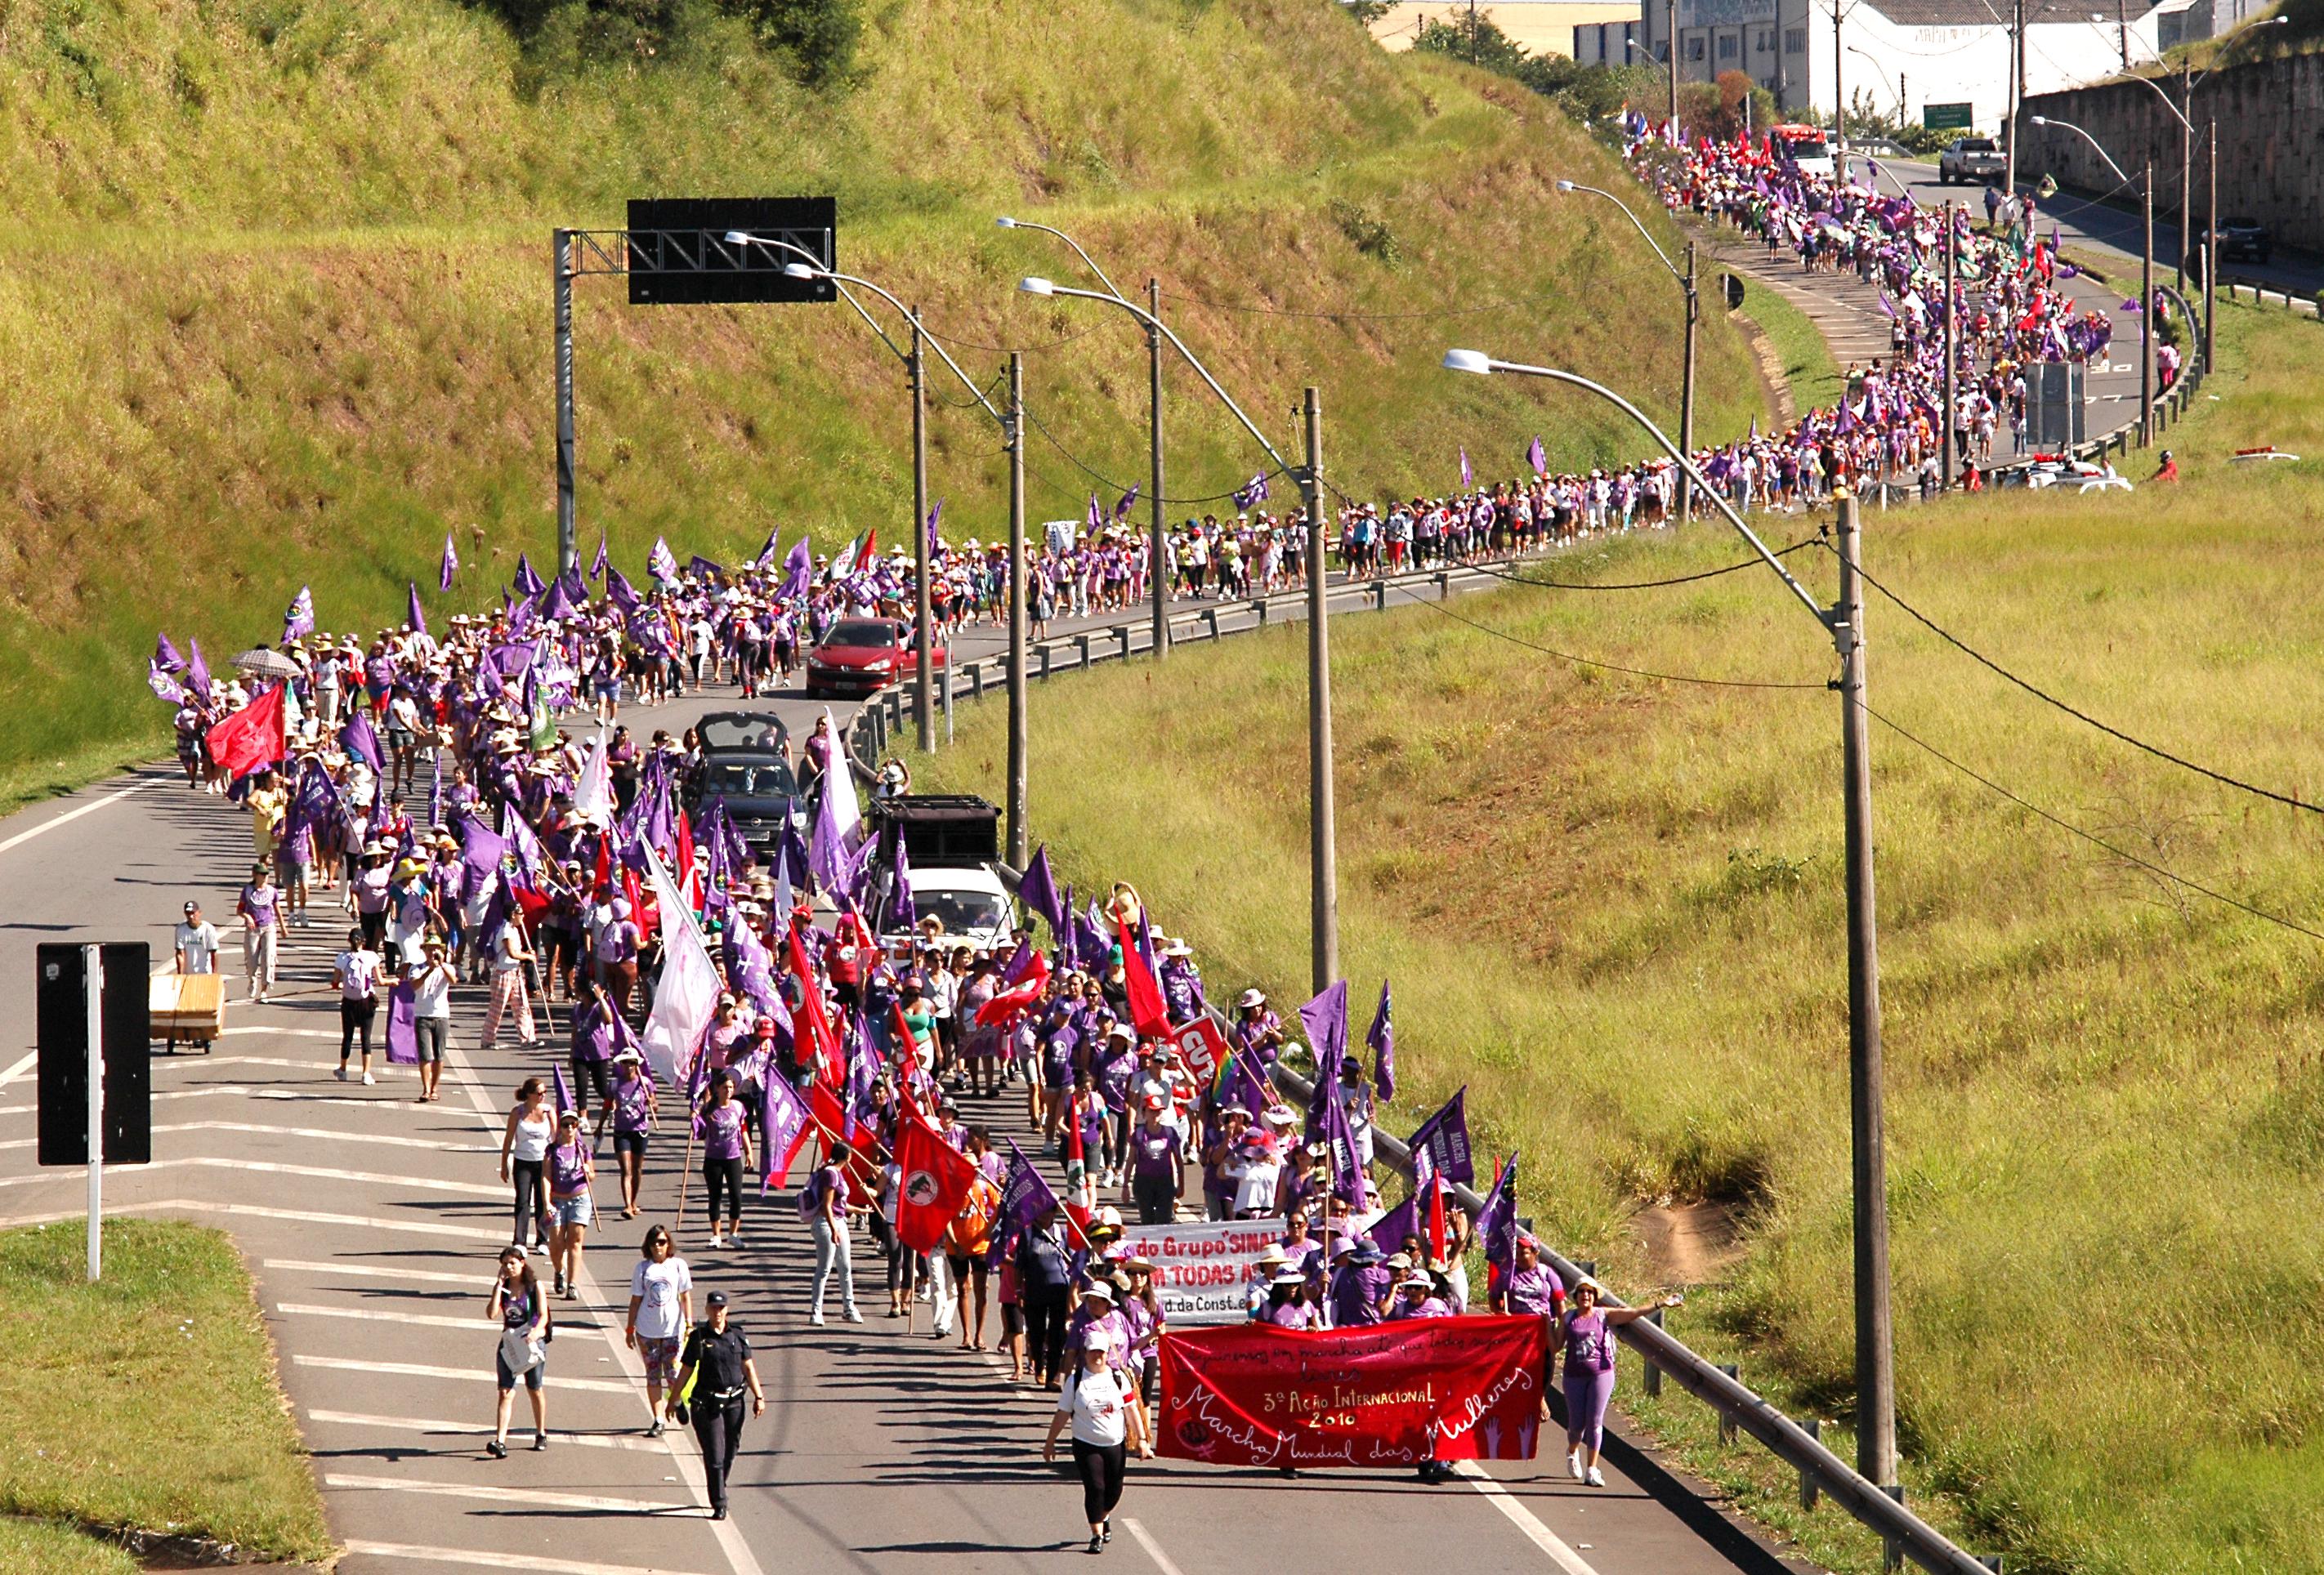 Marcha de Campinas a São Paulo, 2010. Foto: João Zinclar.